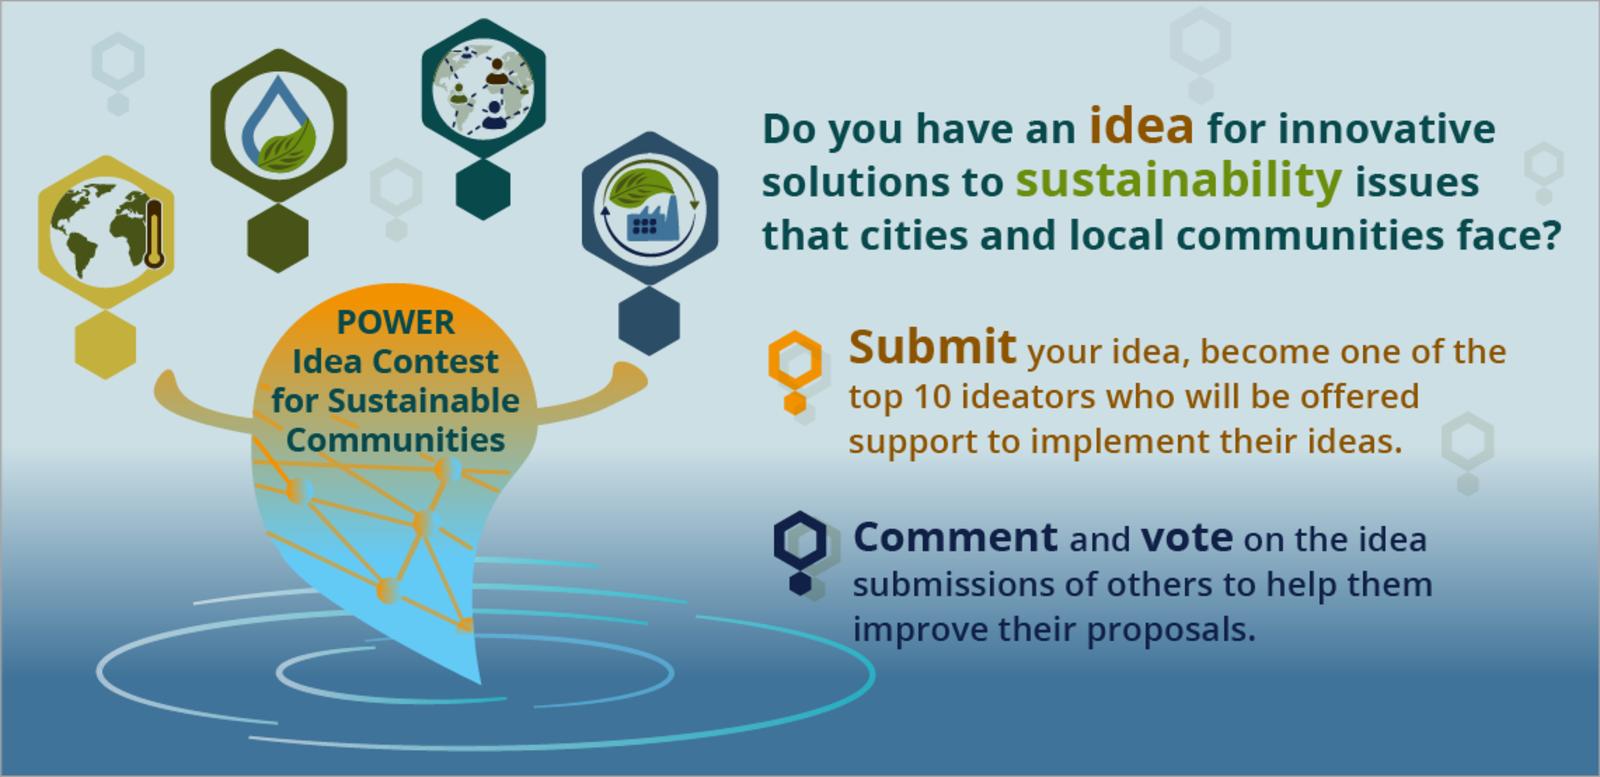 Presenta i vota idees en el Concurs d'Idees POWER per a Comunitats Sostenibles